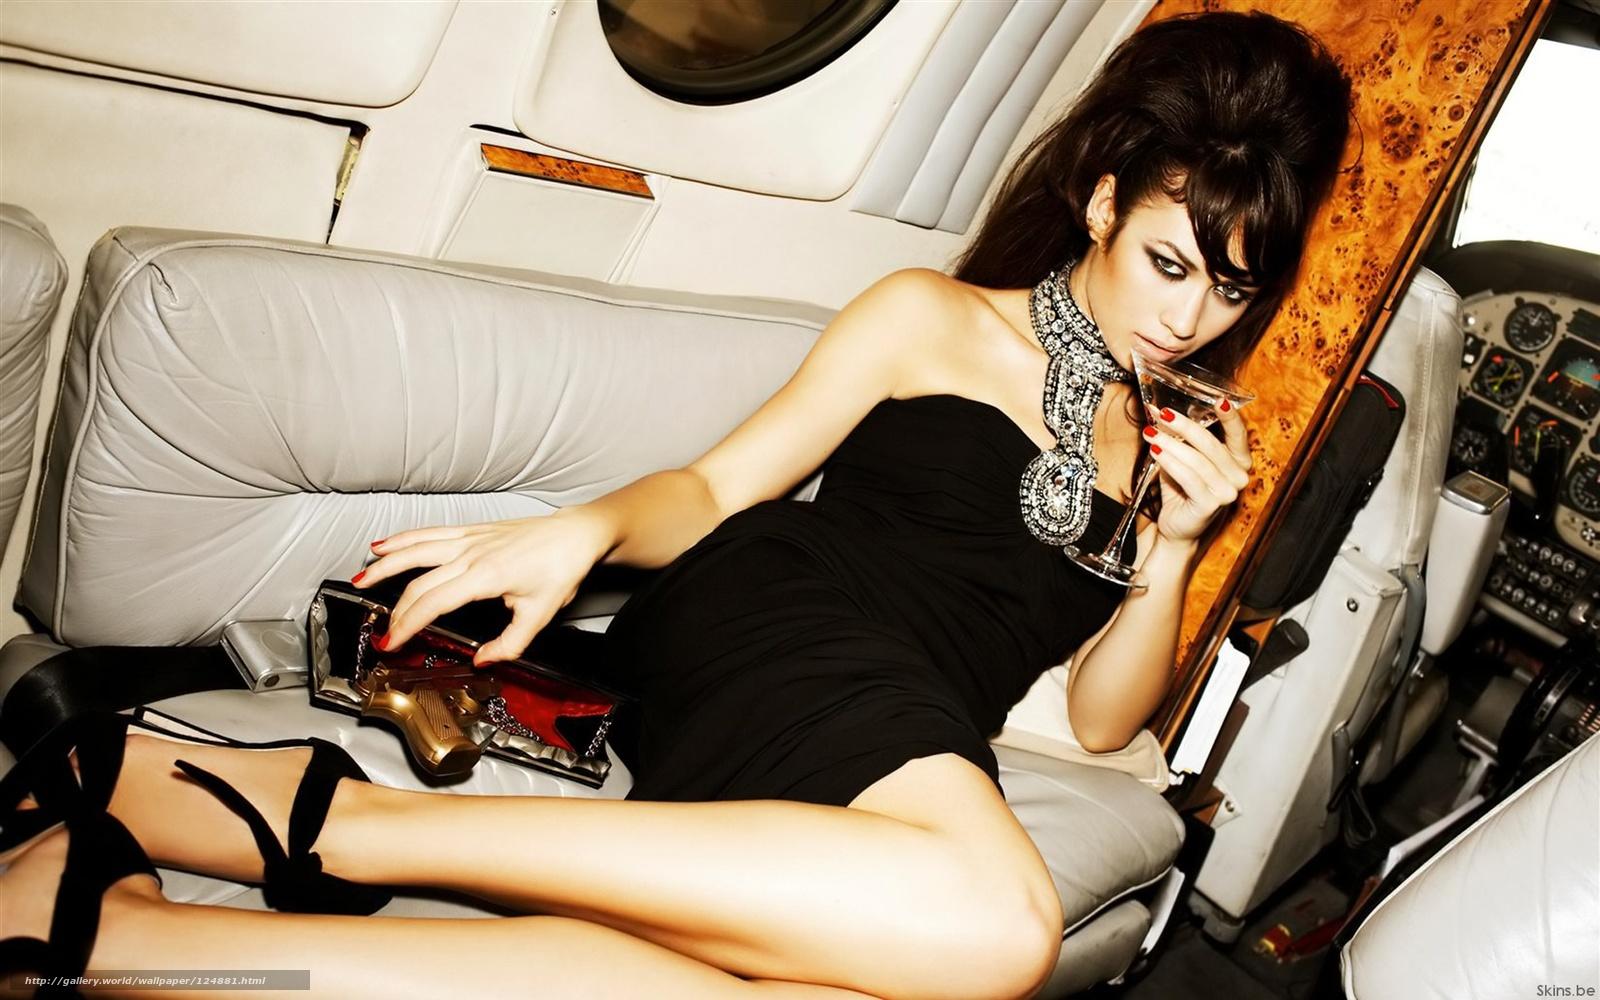 Фото девушки женщины в самолете 19 фотография